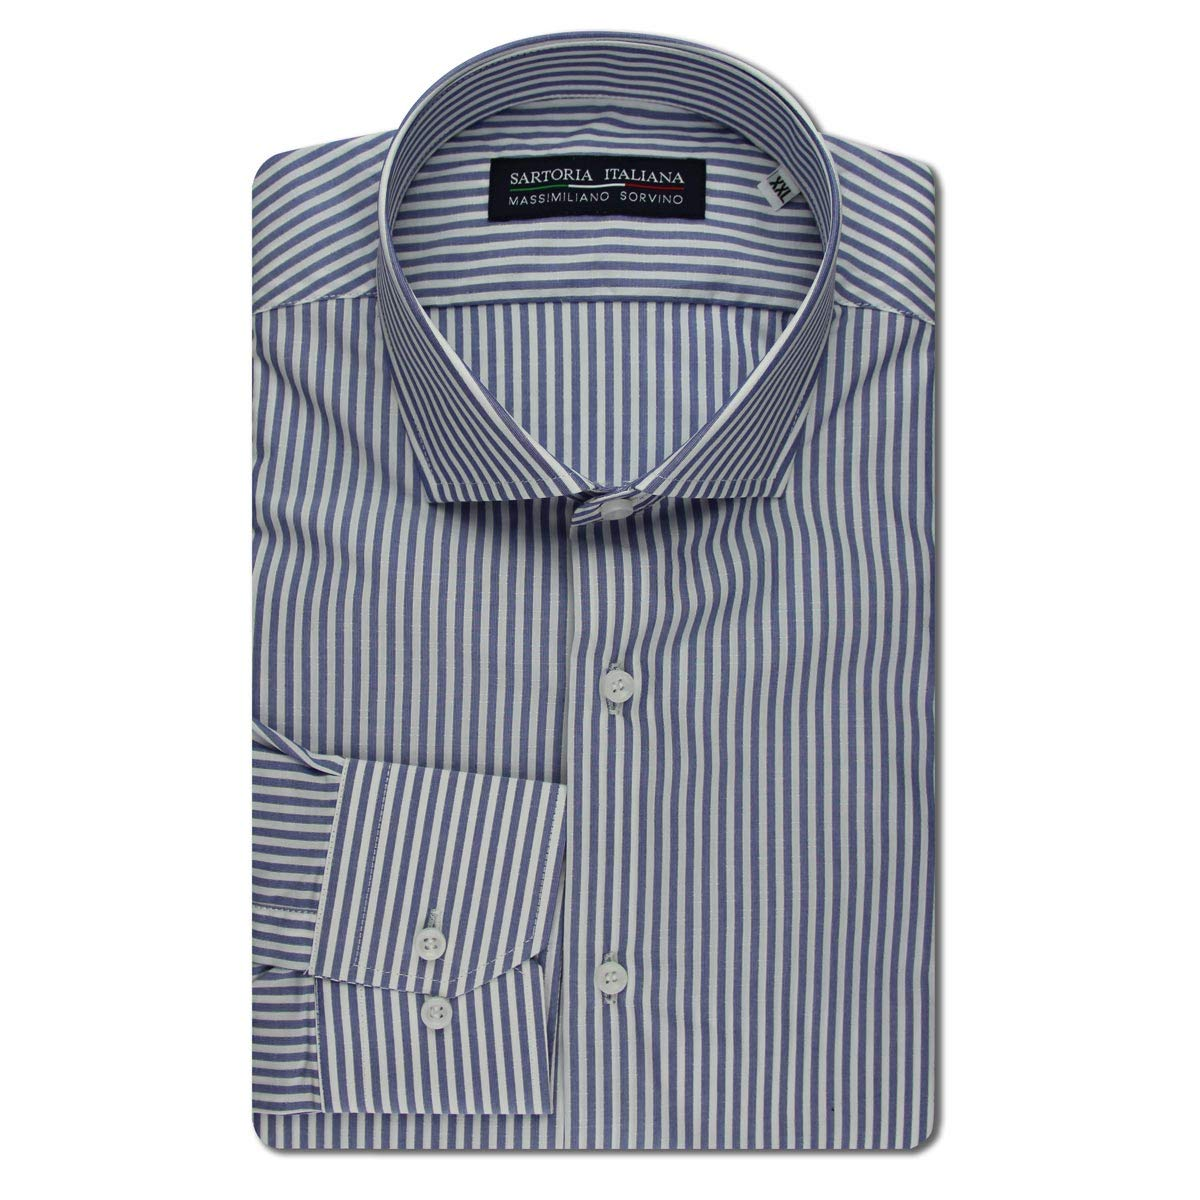 da96c6b0d9fb SARTORIA ITALIANA MASSIMILIANO SORVINO Camicia Regular Fit con Pinces rigo  Blu Avion Made in Italy  Amazon.it  Abbigliamento